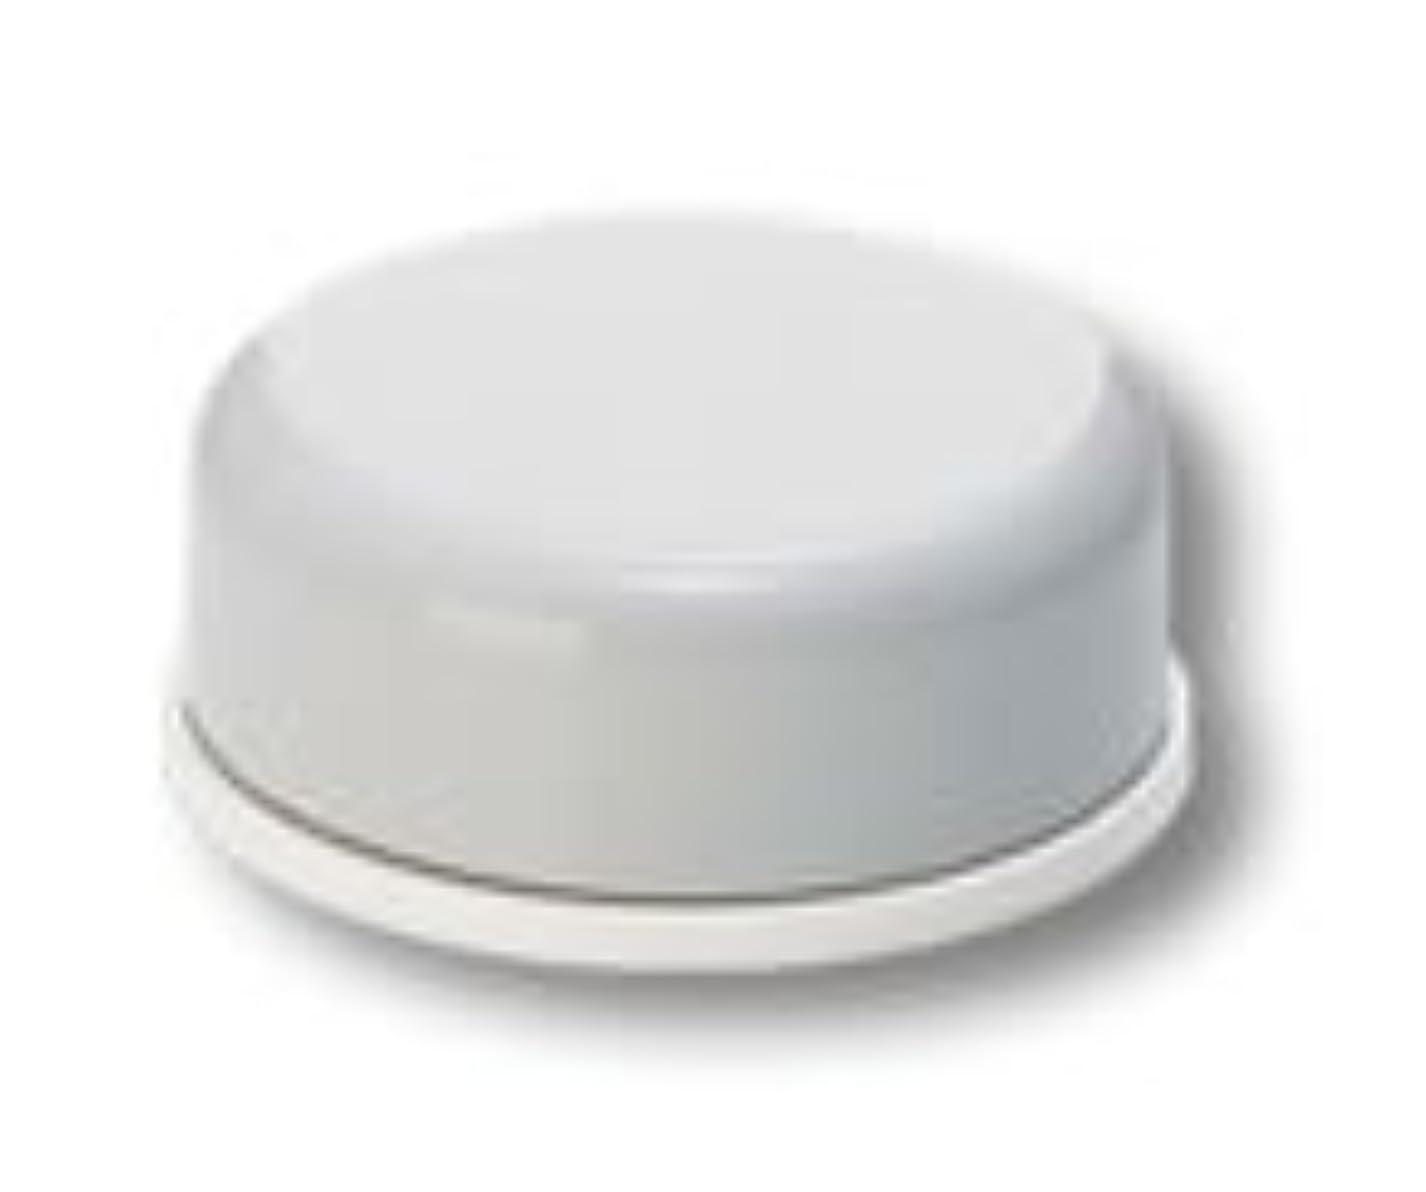 汚すフレット適格カシー化粧品 (CATHY) リポルテ スポット ケア 6g